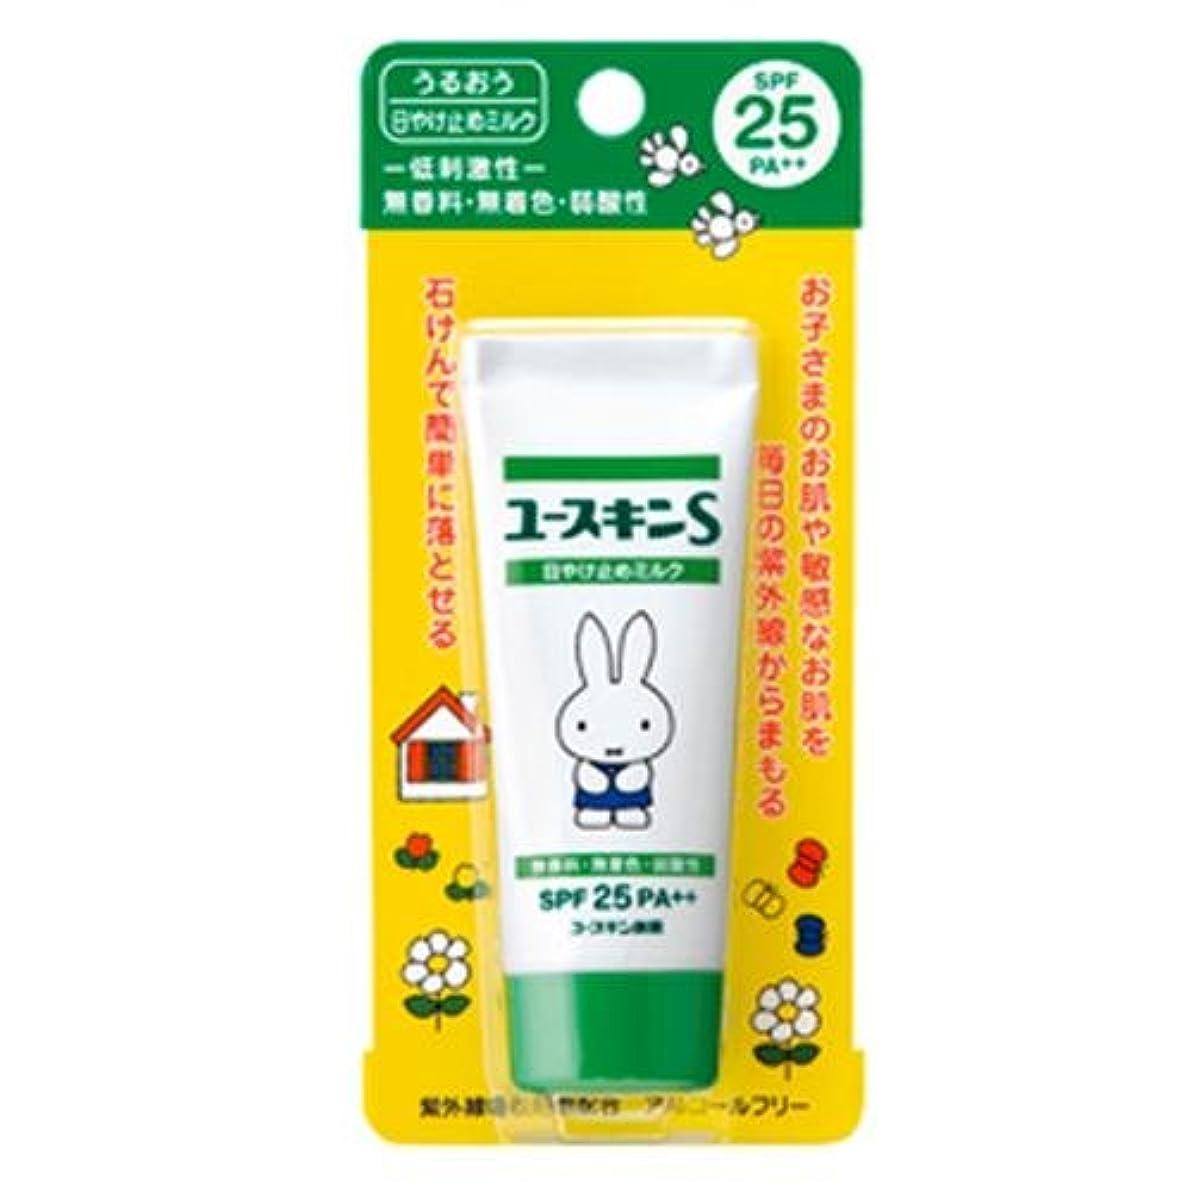 敵対的伝統的病ユースキンS UVミルク SPF25 PA++ 40g (敏感肌用 日焼け止め)